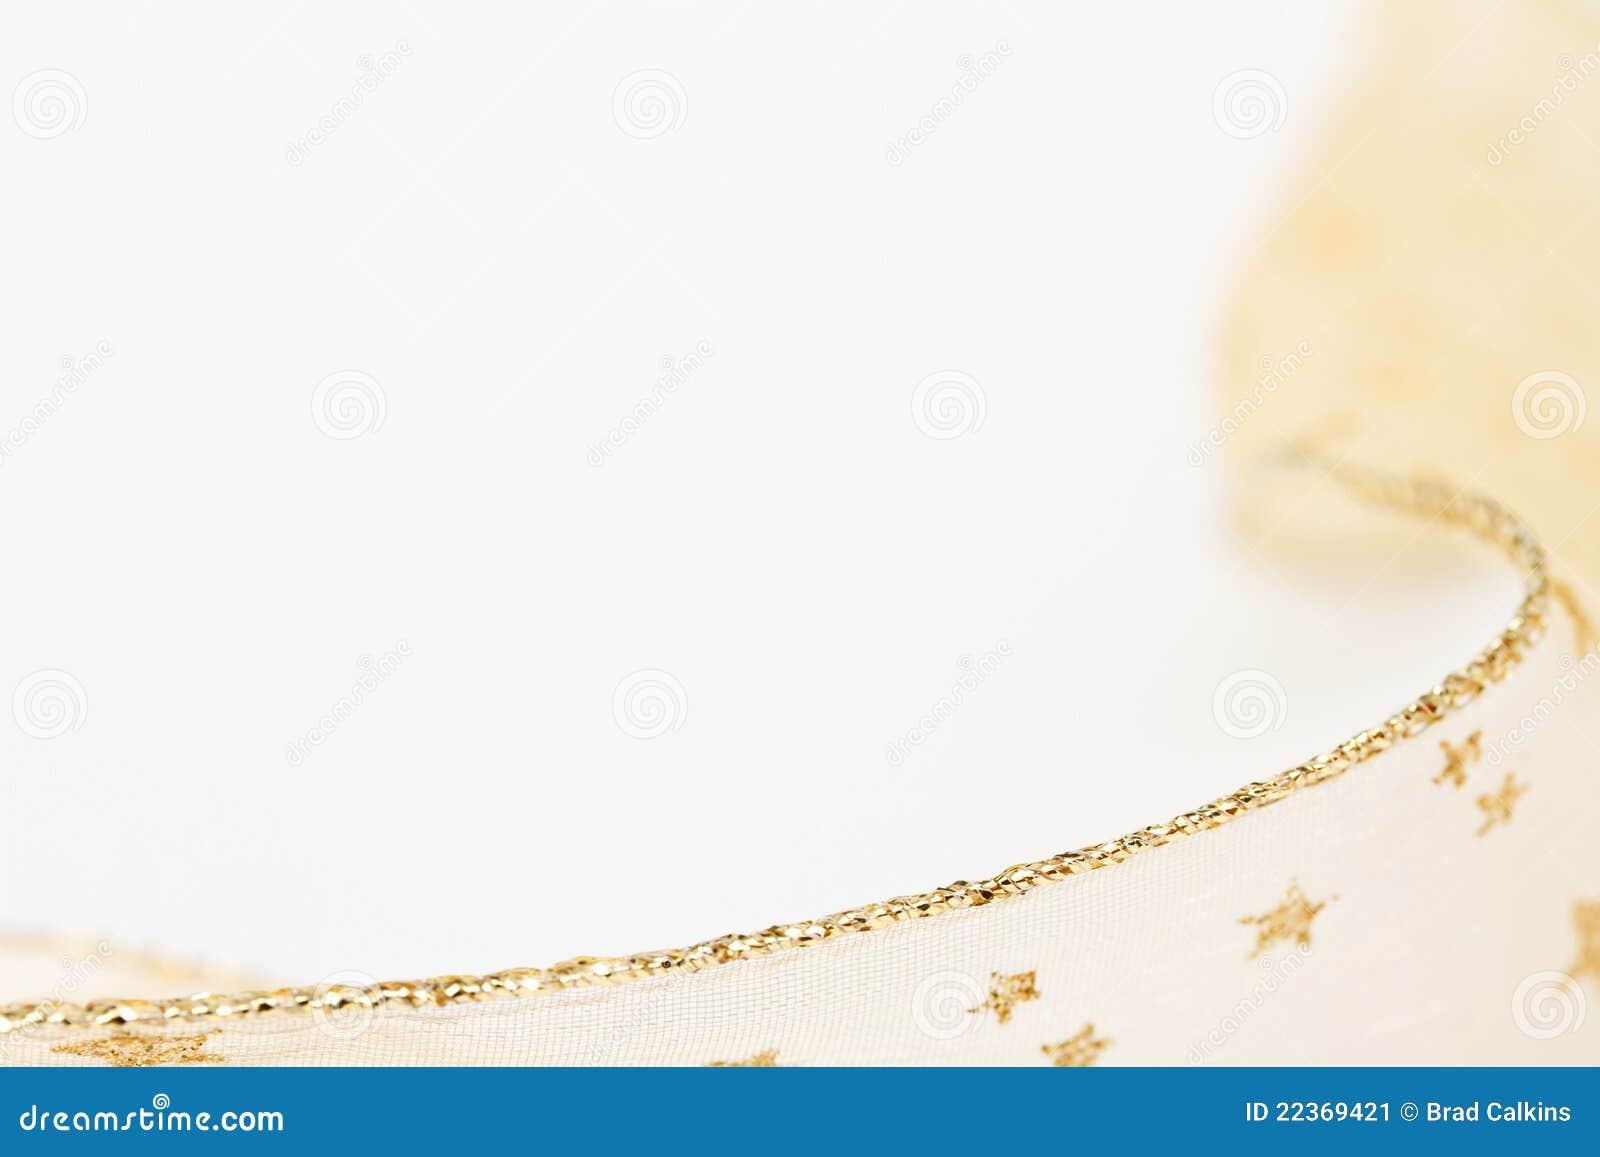 Gold Ribbon Background Stock Image Image 22369421